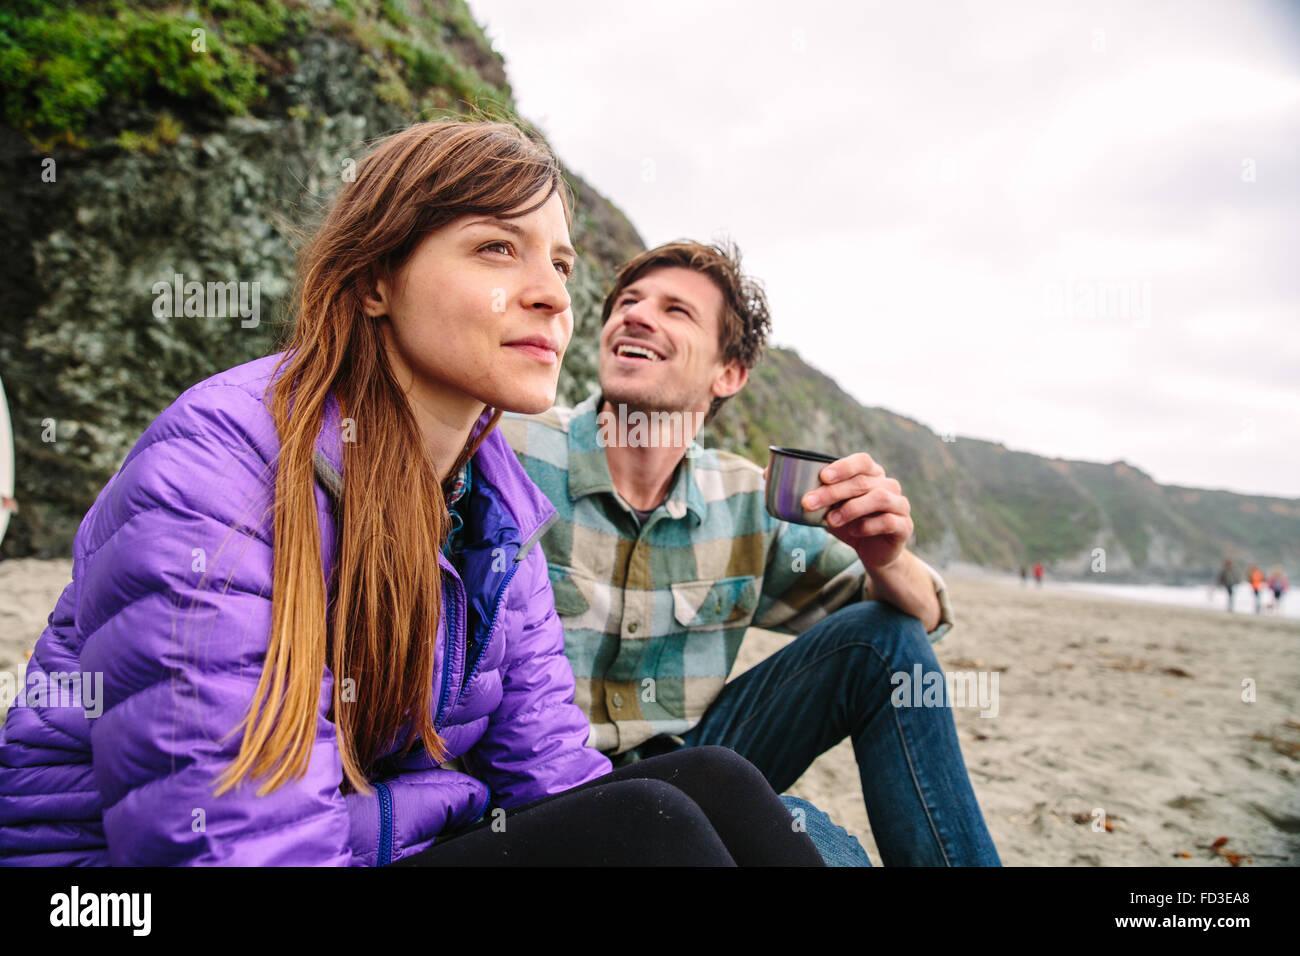 Una joven pareja disfrutando de una tarde en las playas de Big Sur, California. Imagen De Stock